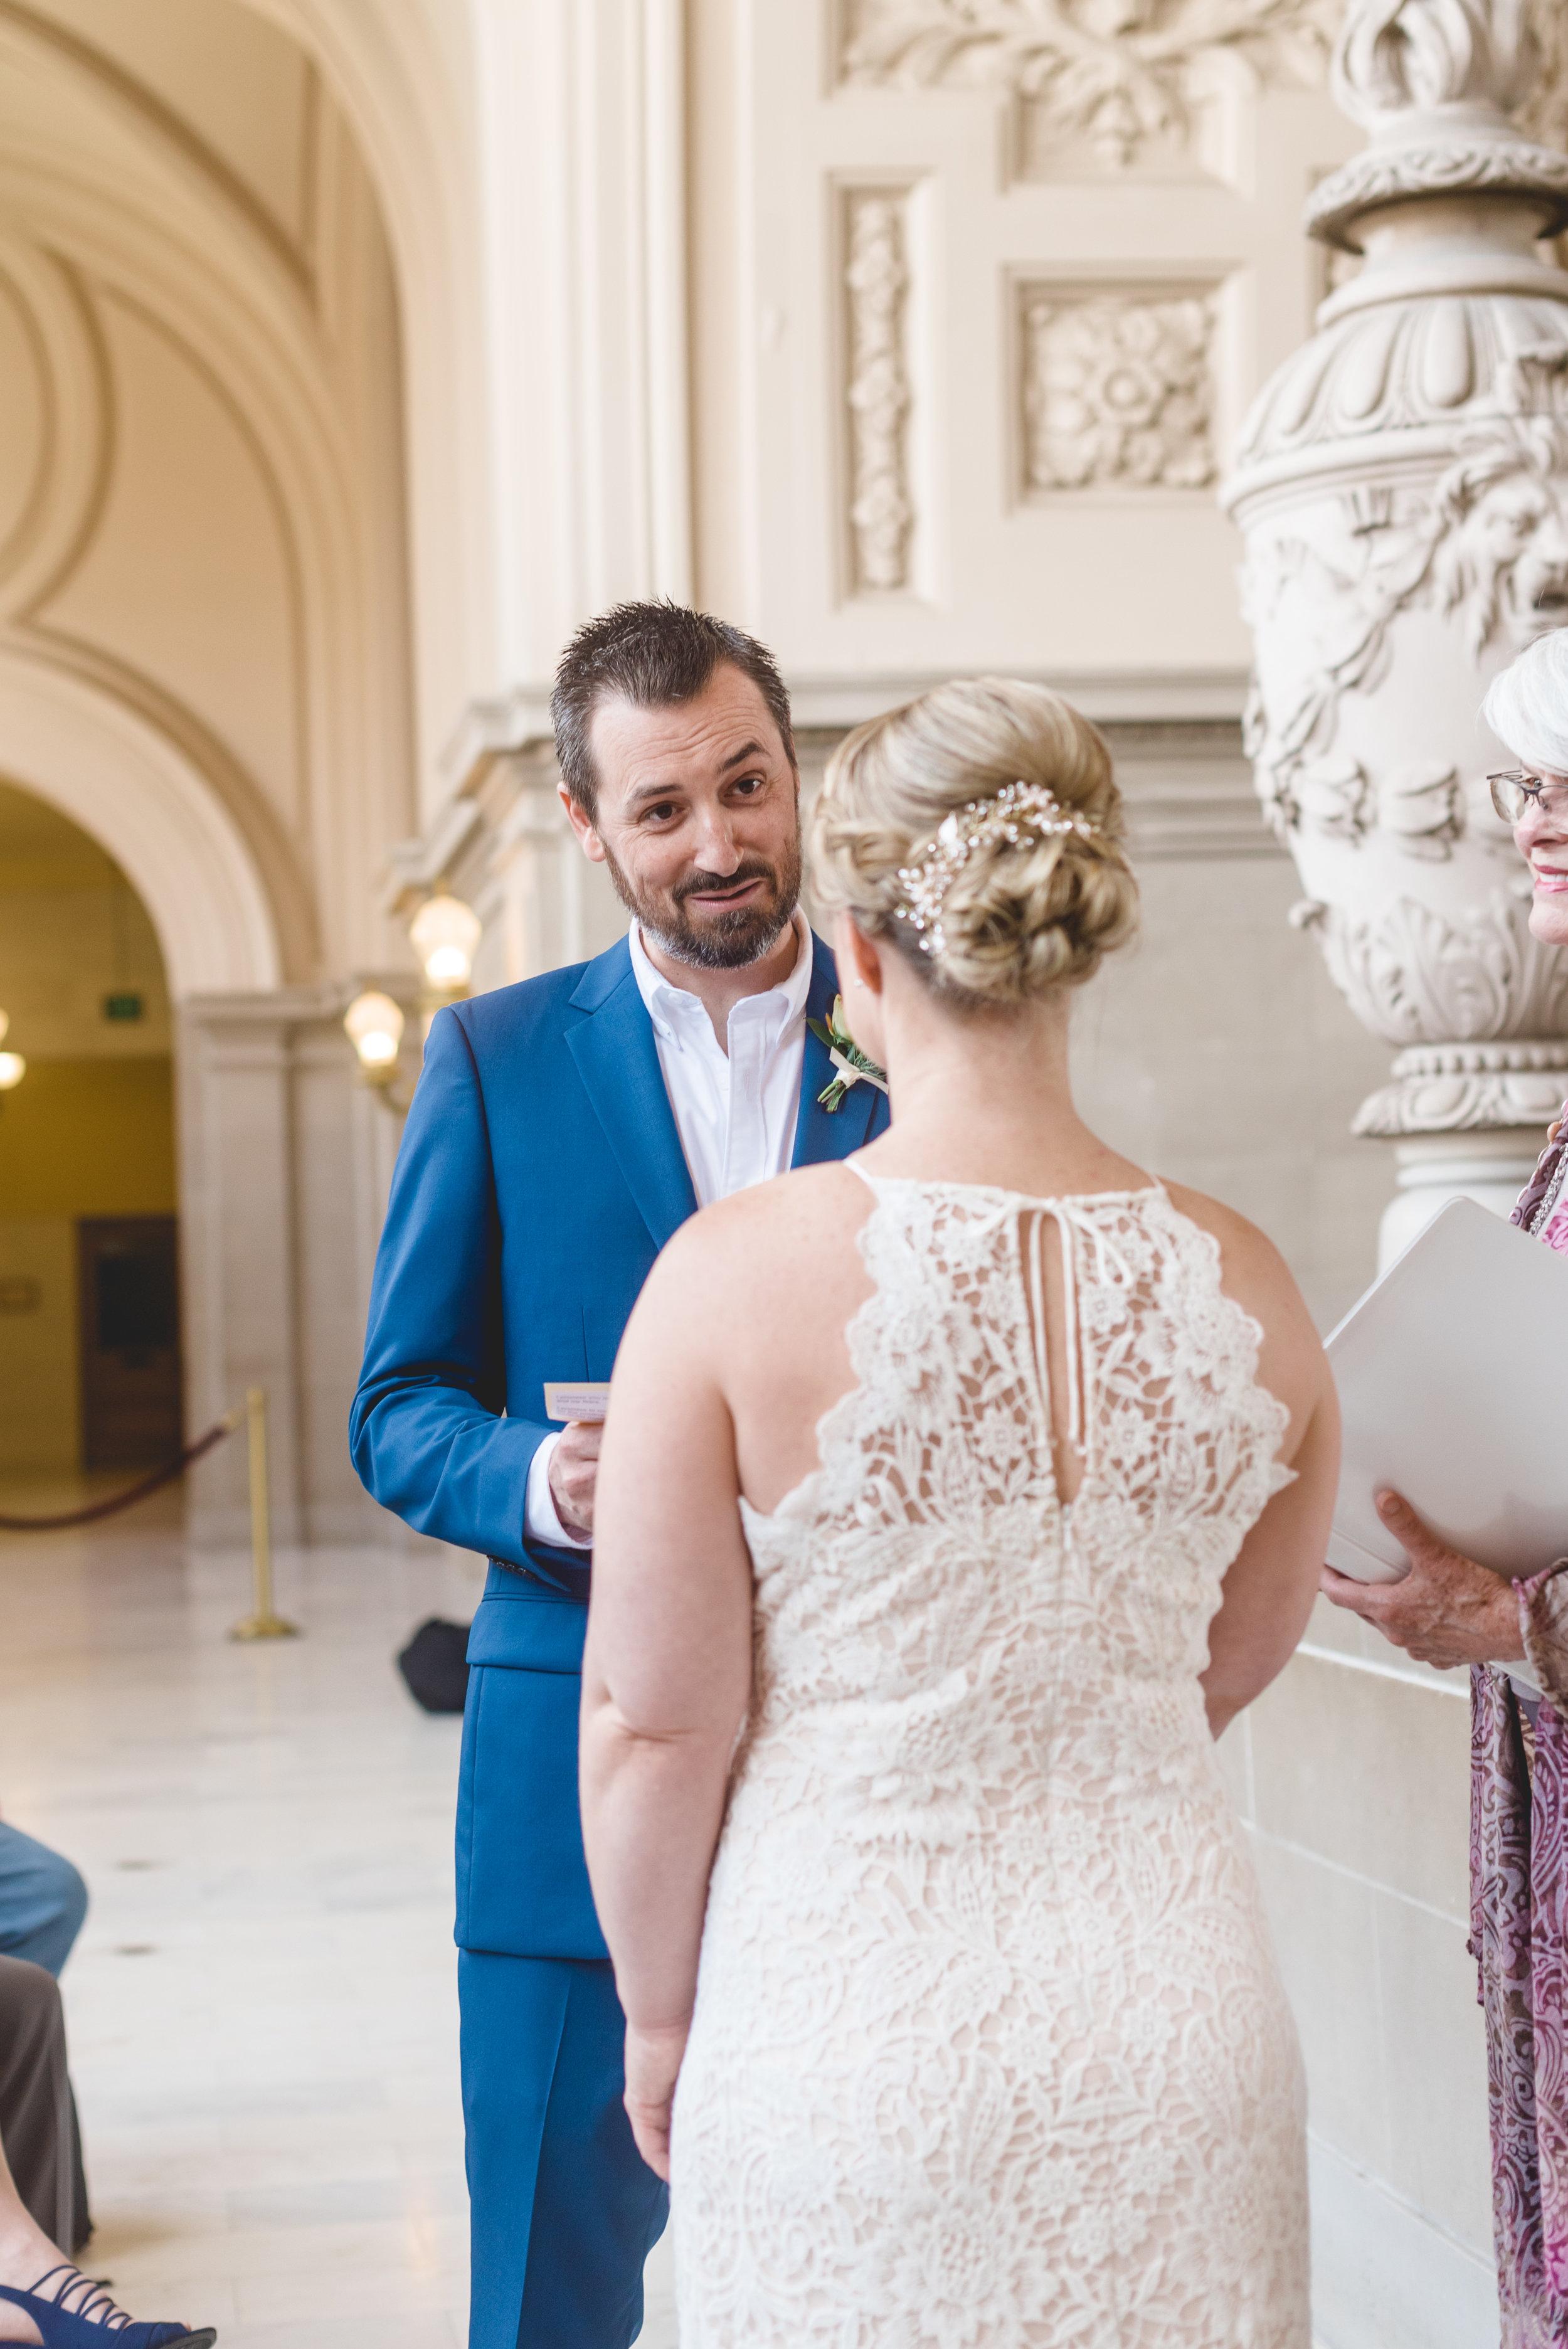 mcdaniels_conroy-wedding-ceremony-80.jpg